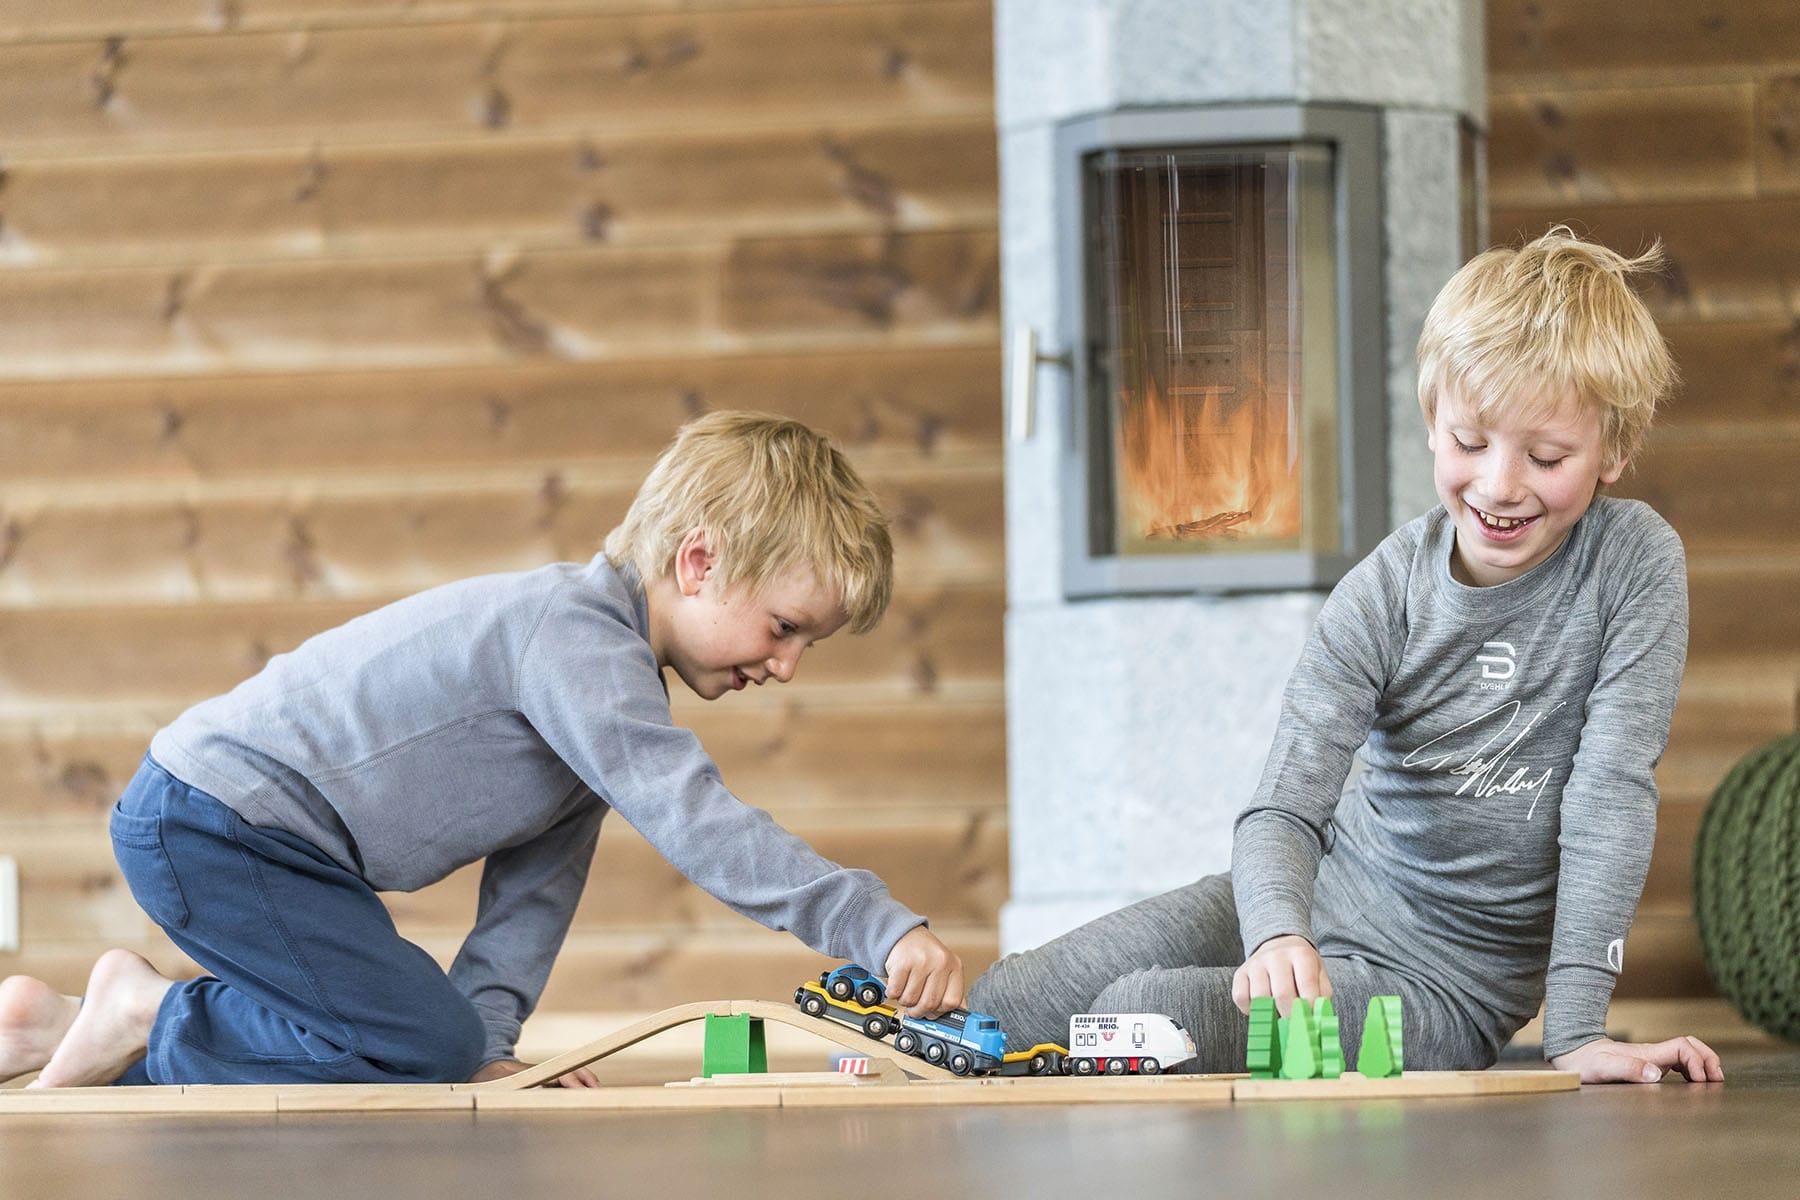 Octo barn leker 1800x1200-min